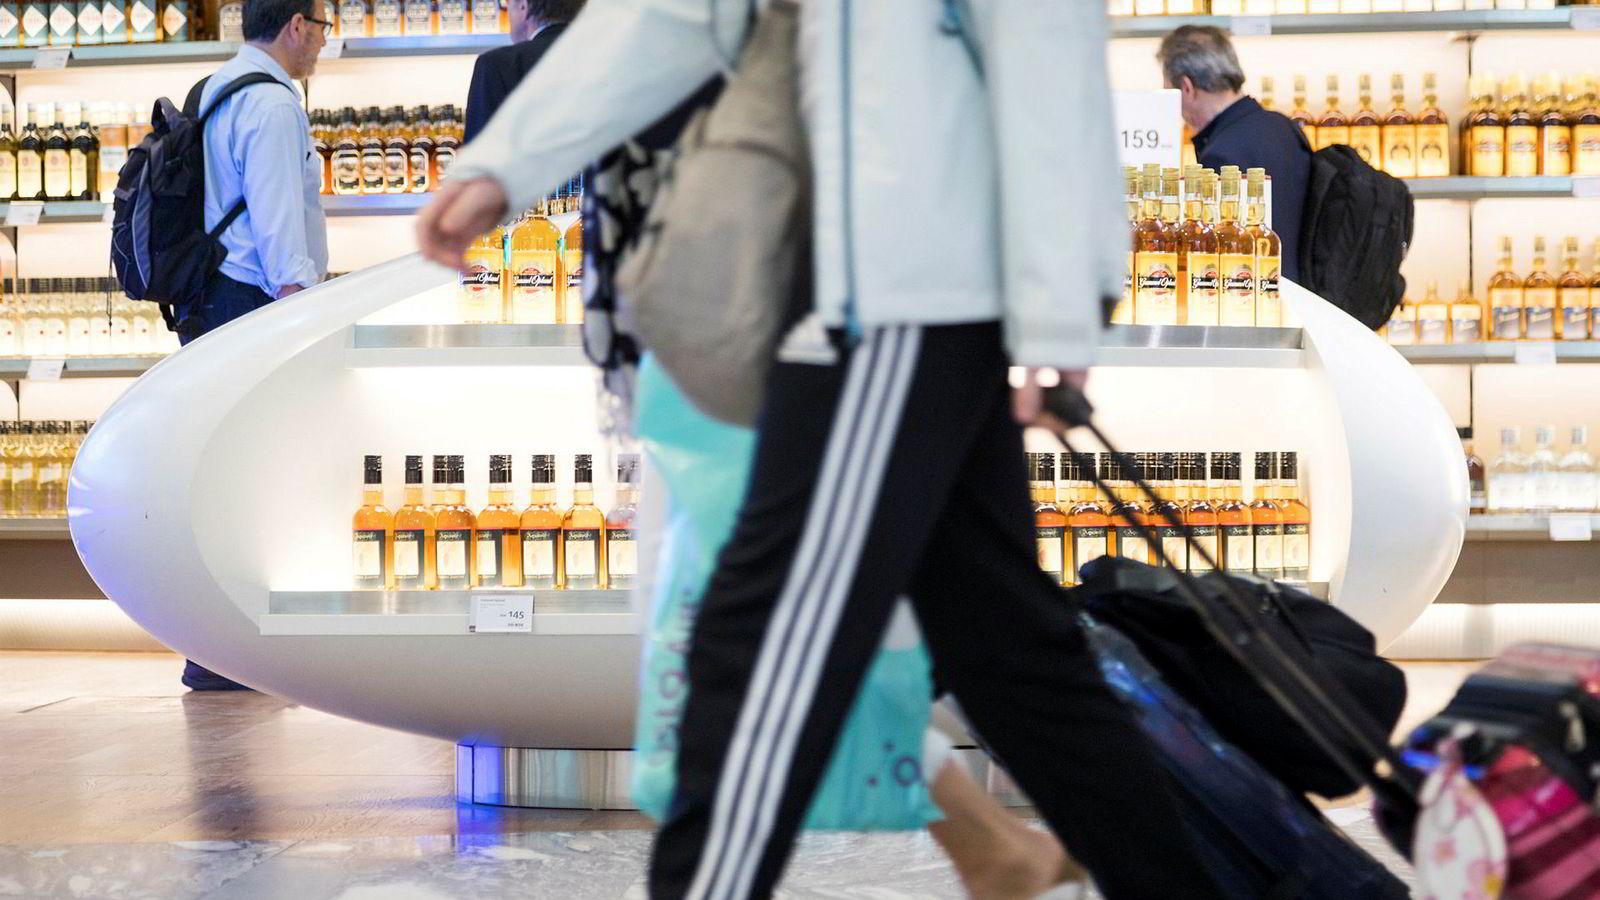 Reisende passerer taxfreebutikken i avgangshallen på Oslo lufthavn Gardermoen.